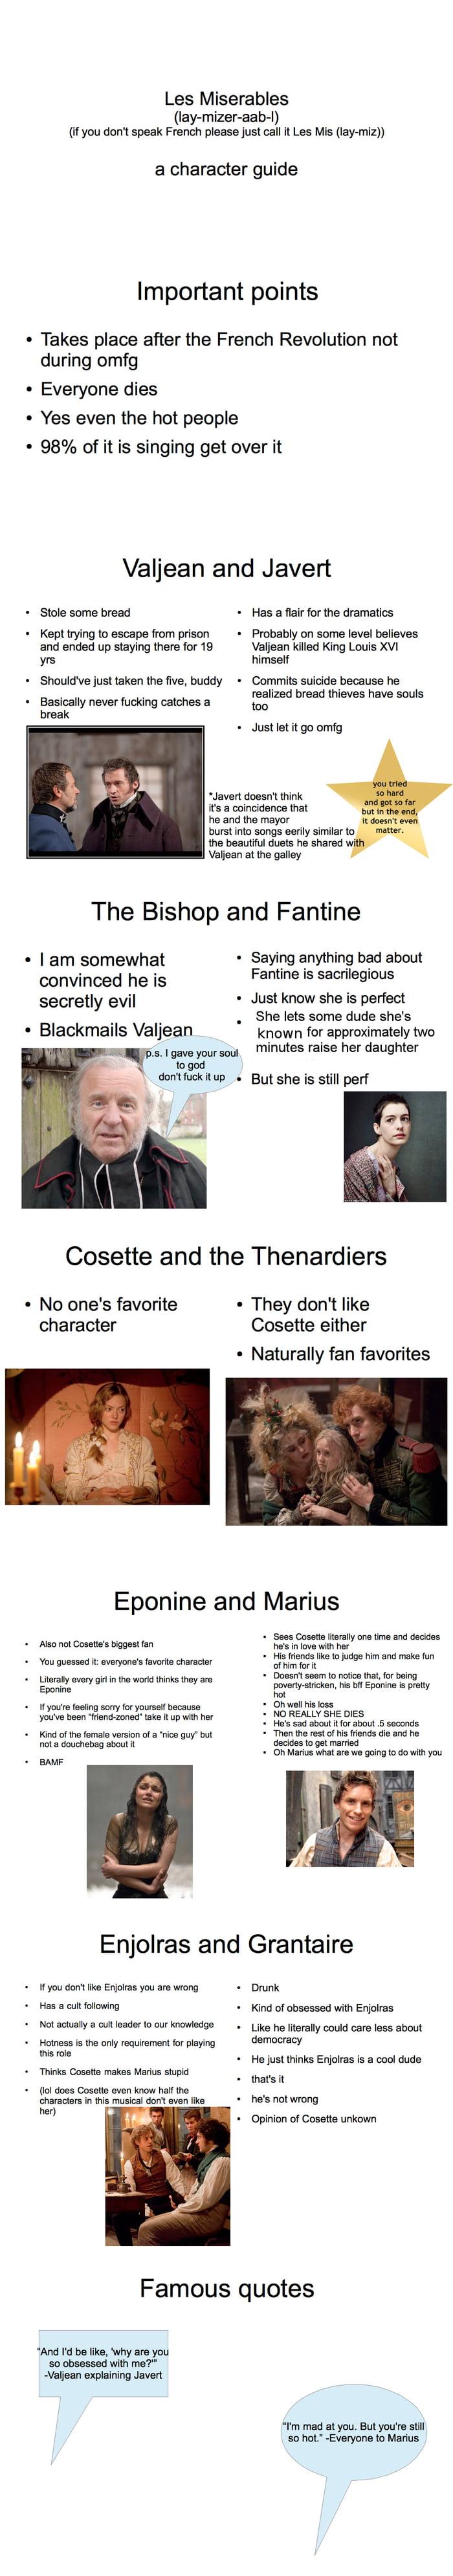 """A """"Les Misérables"""" character guide"""